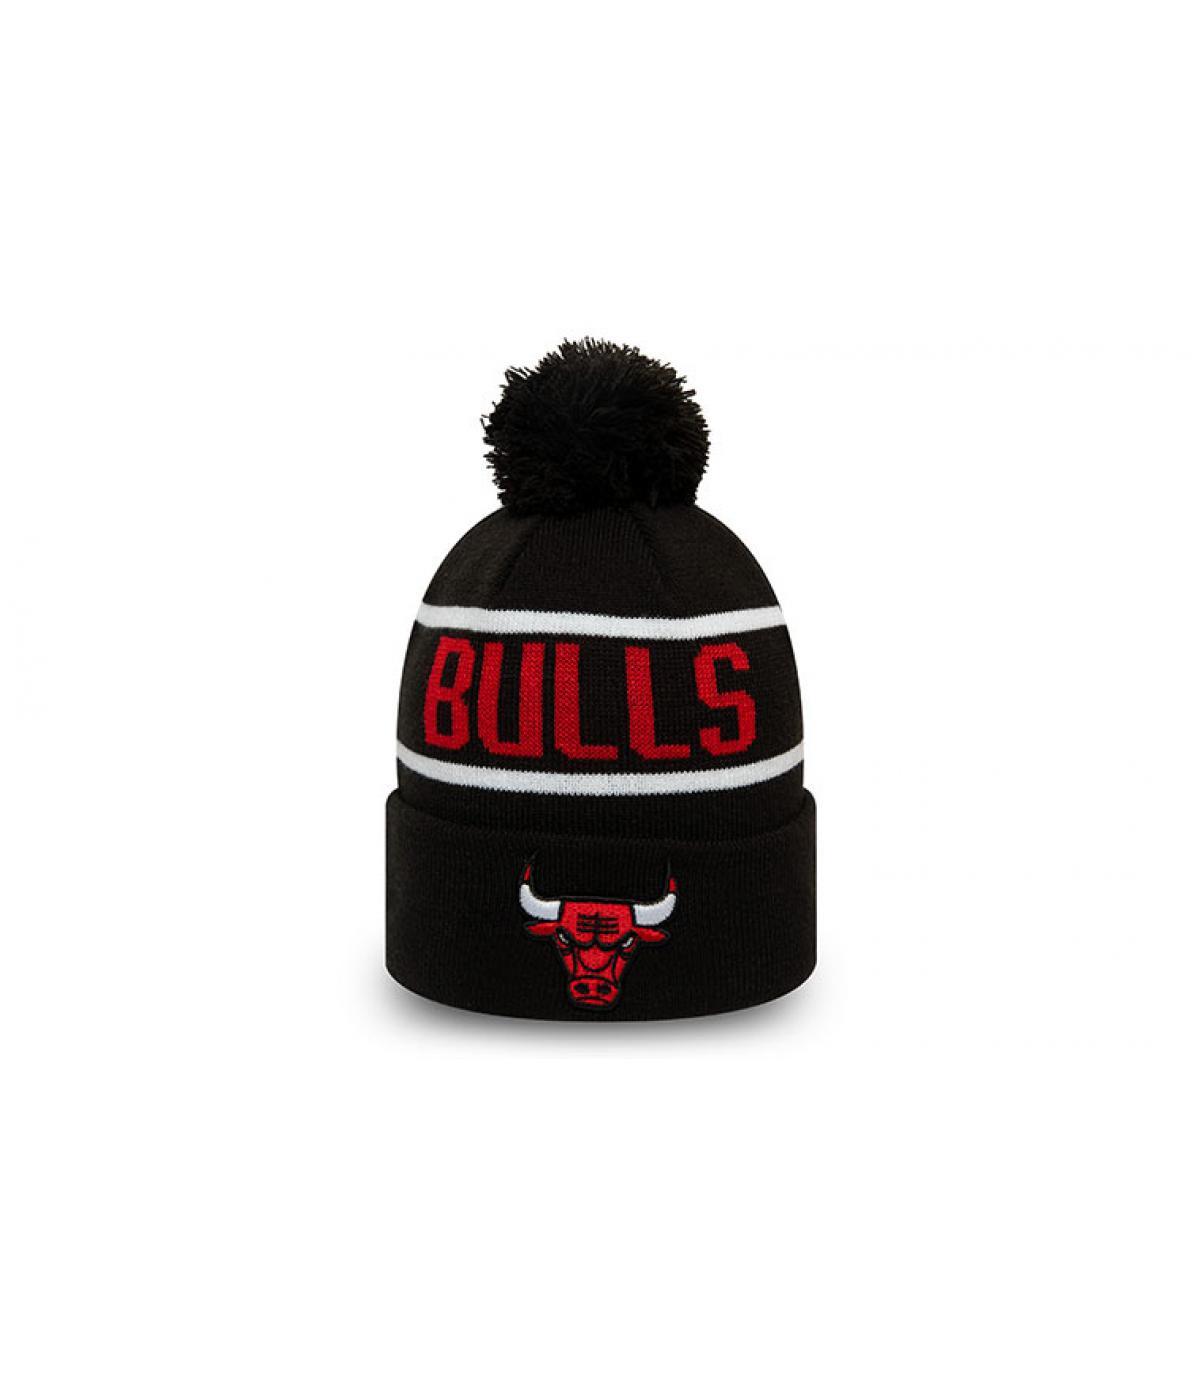 Détails Bobble Knit Bulls - image 2